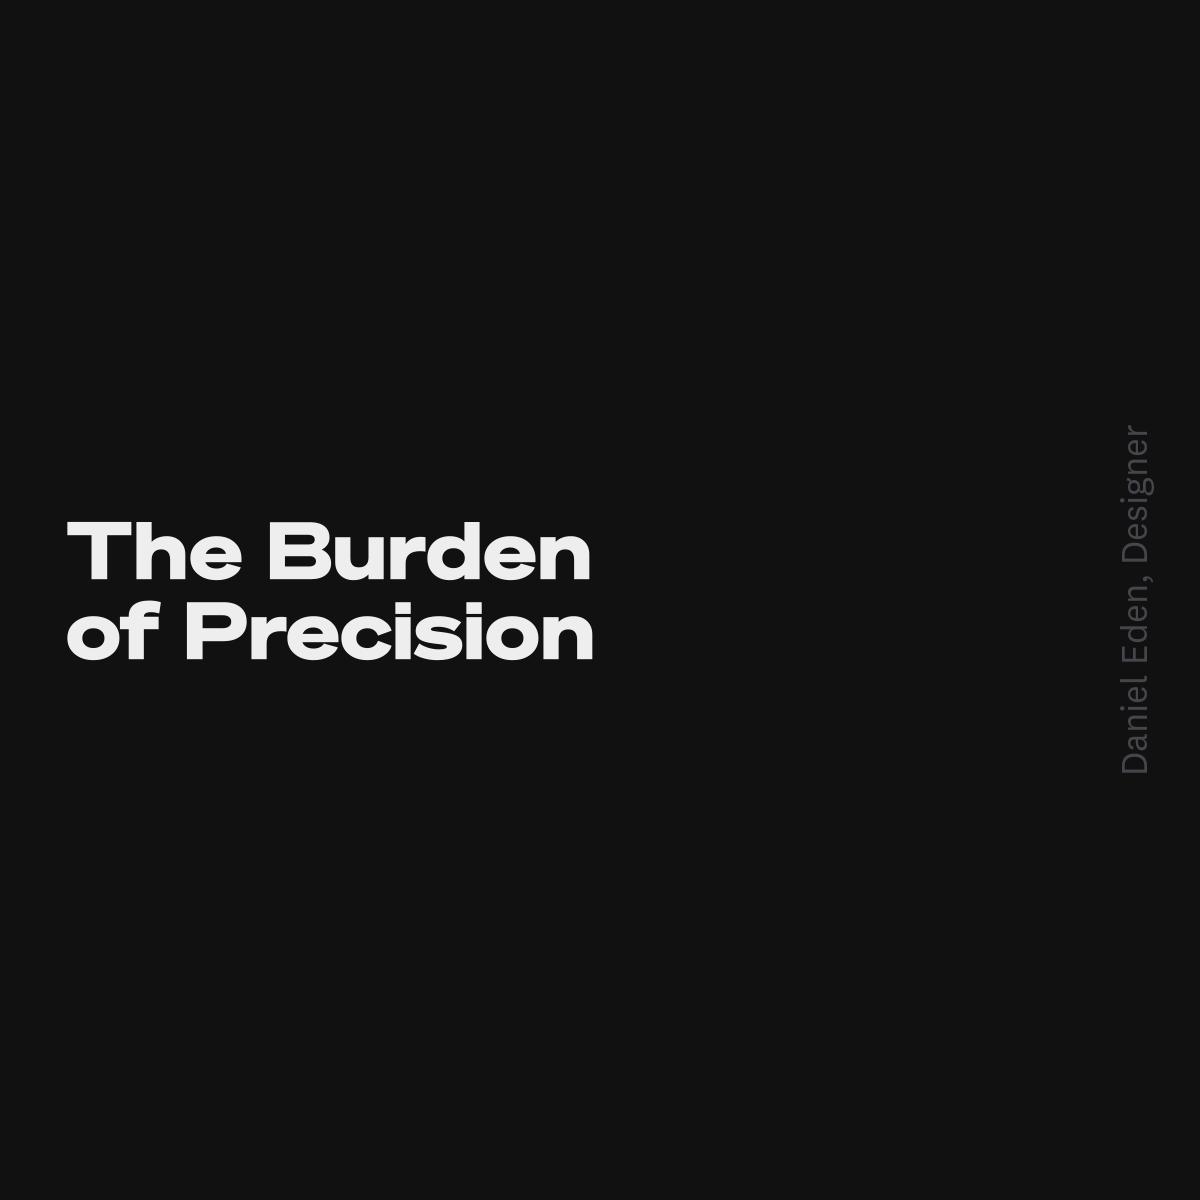 The Burden of Precision | Daniel T. Eden, Designer